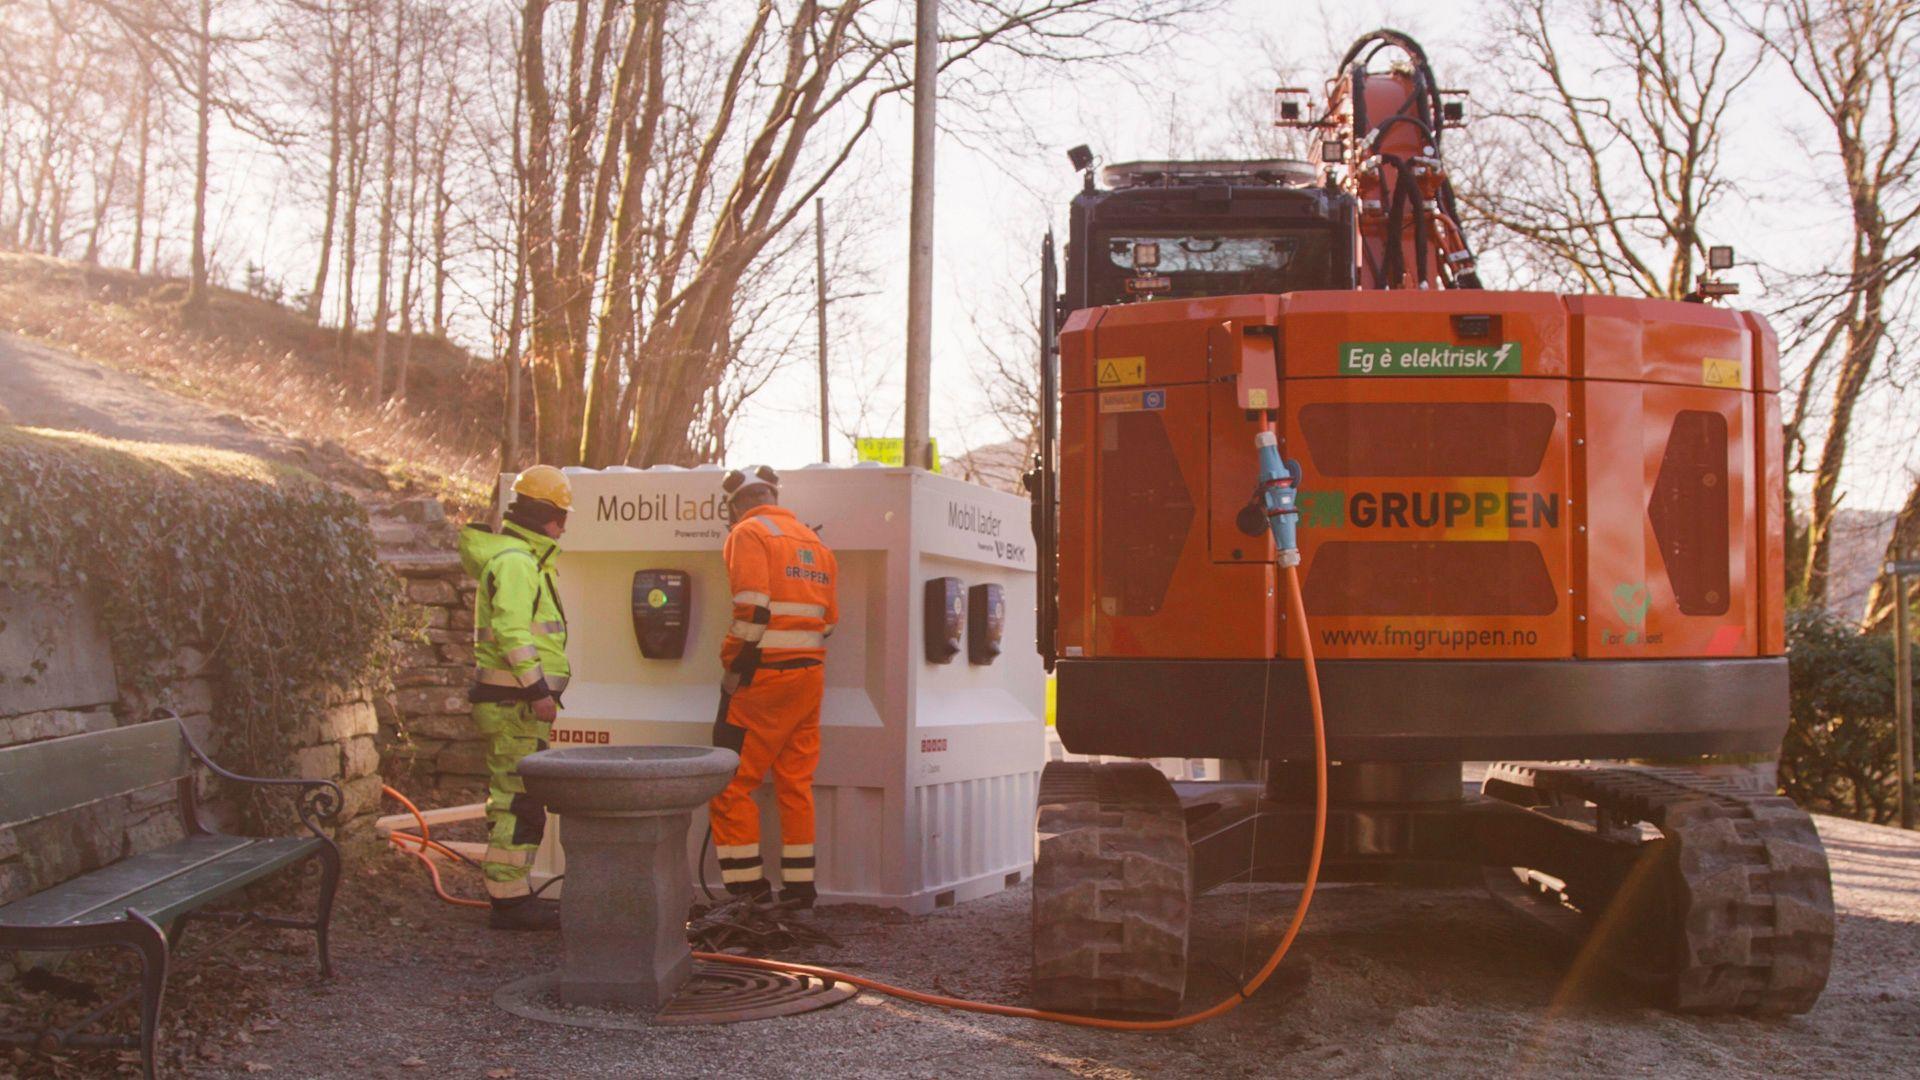 Mobil ladekontainer gir strøm til gravemaskin